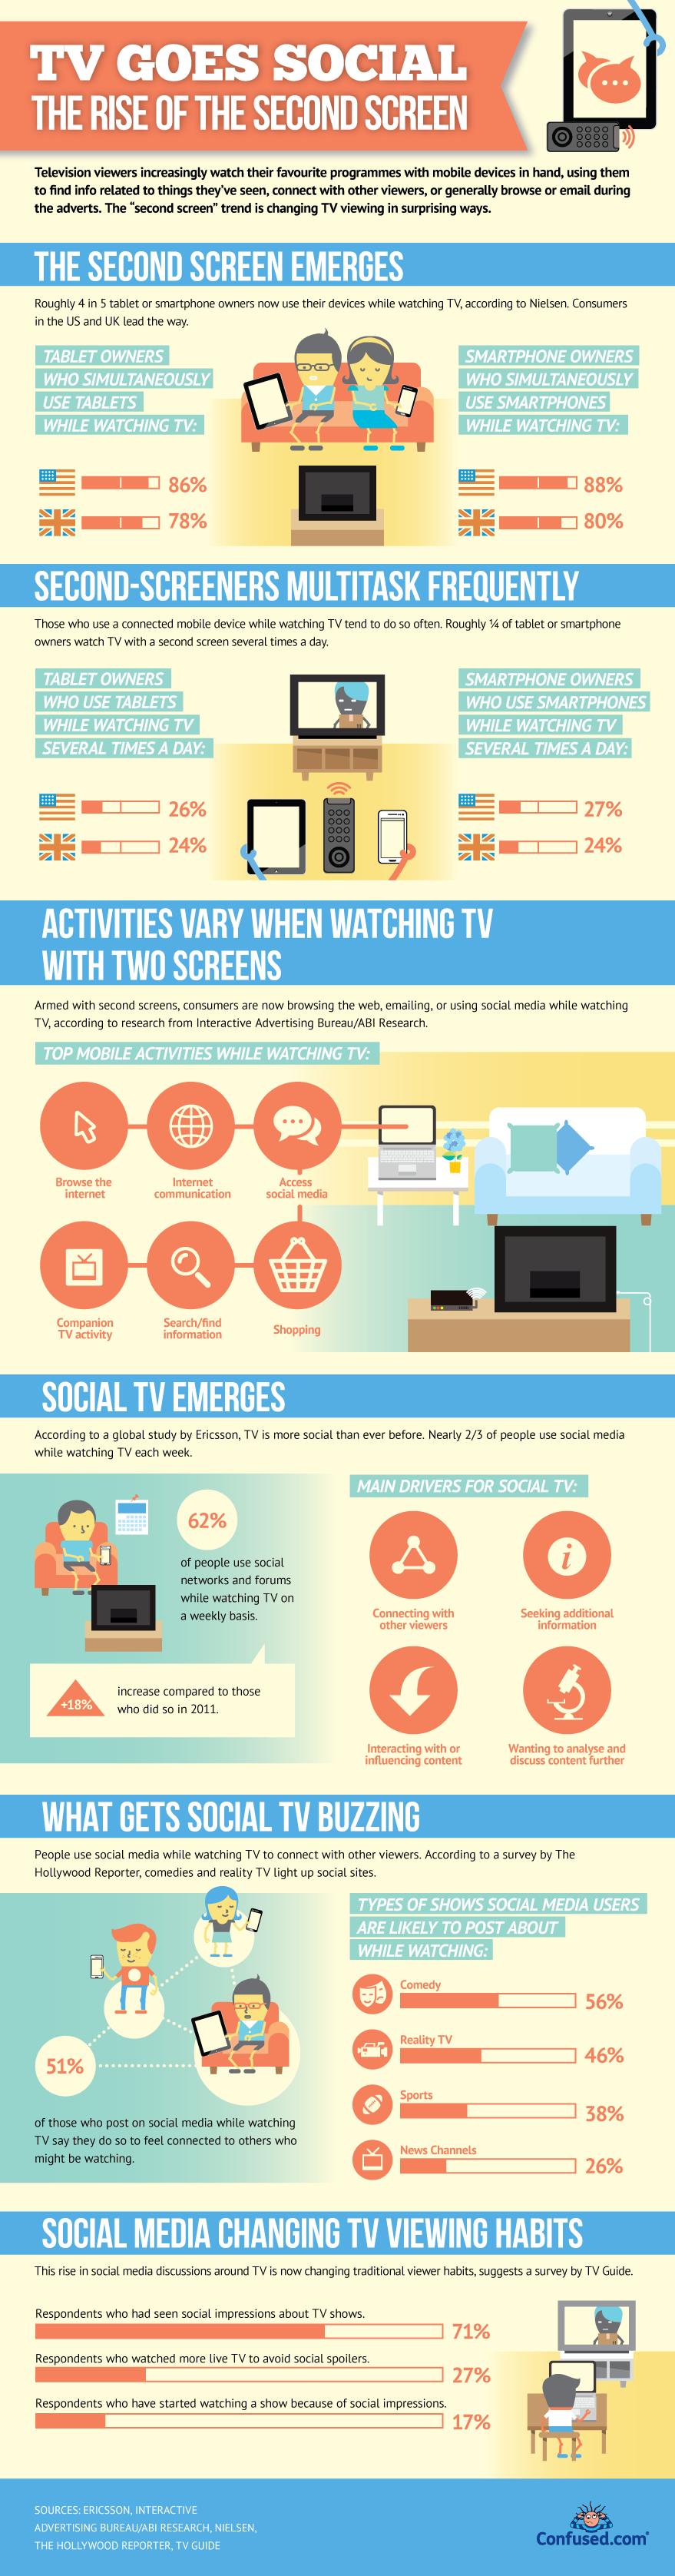 Opkomst van het Tweede Scherm. #SecondScreen #infographic